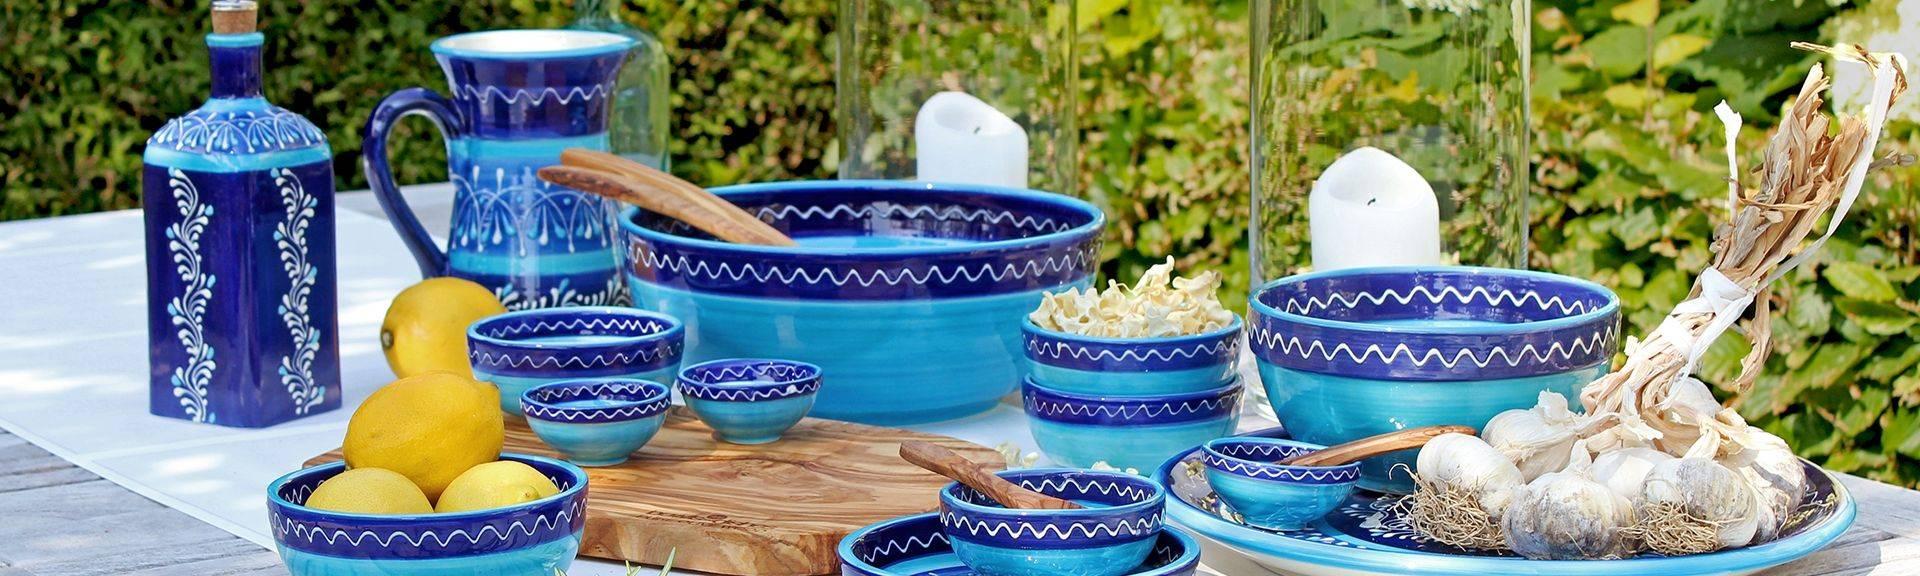 Keramik Serie Azora